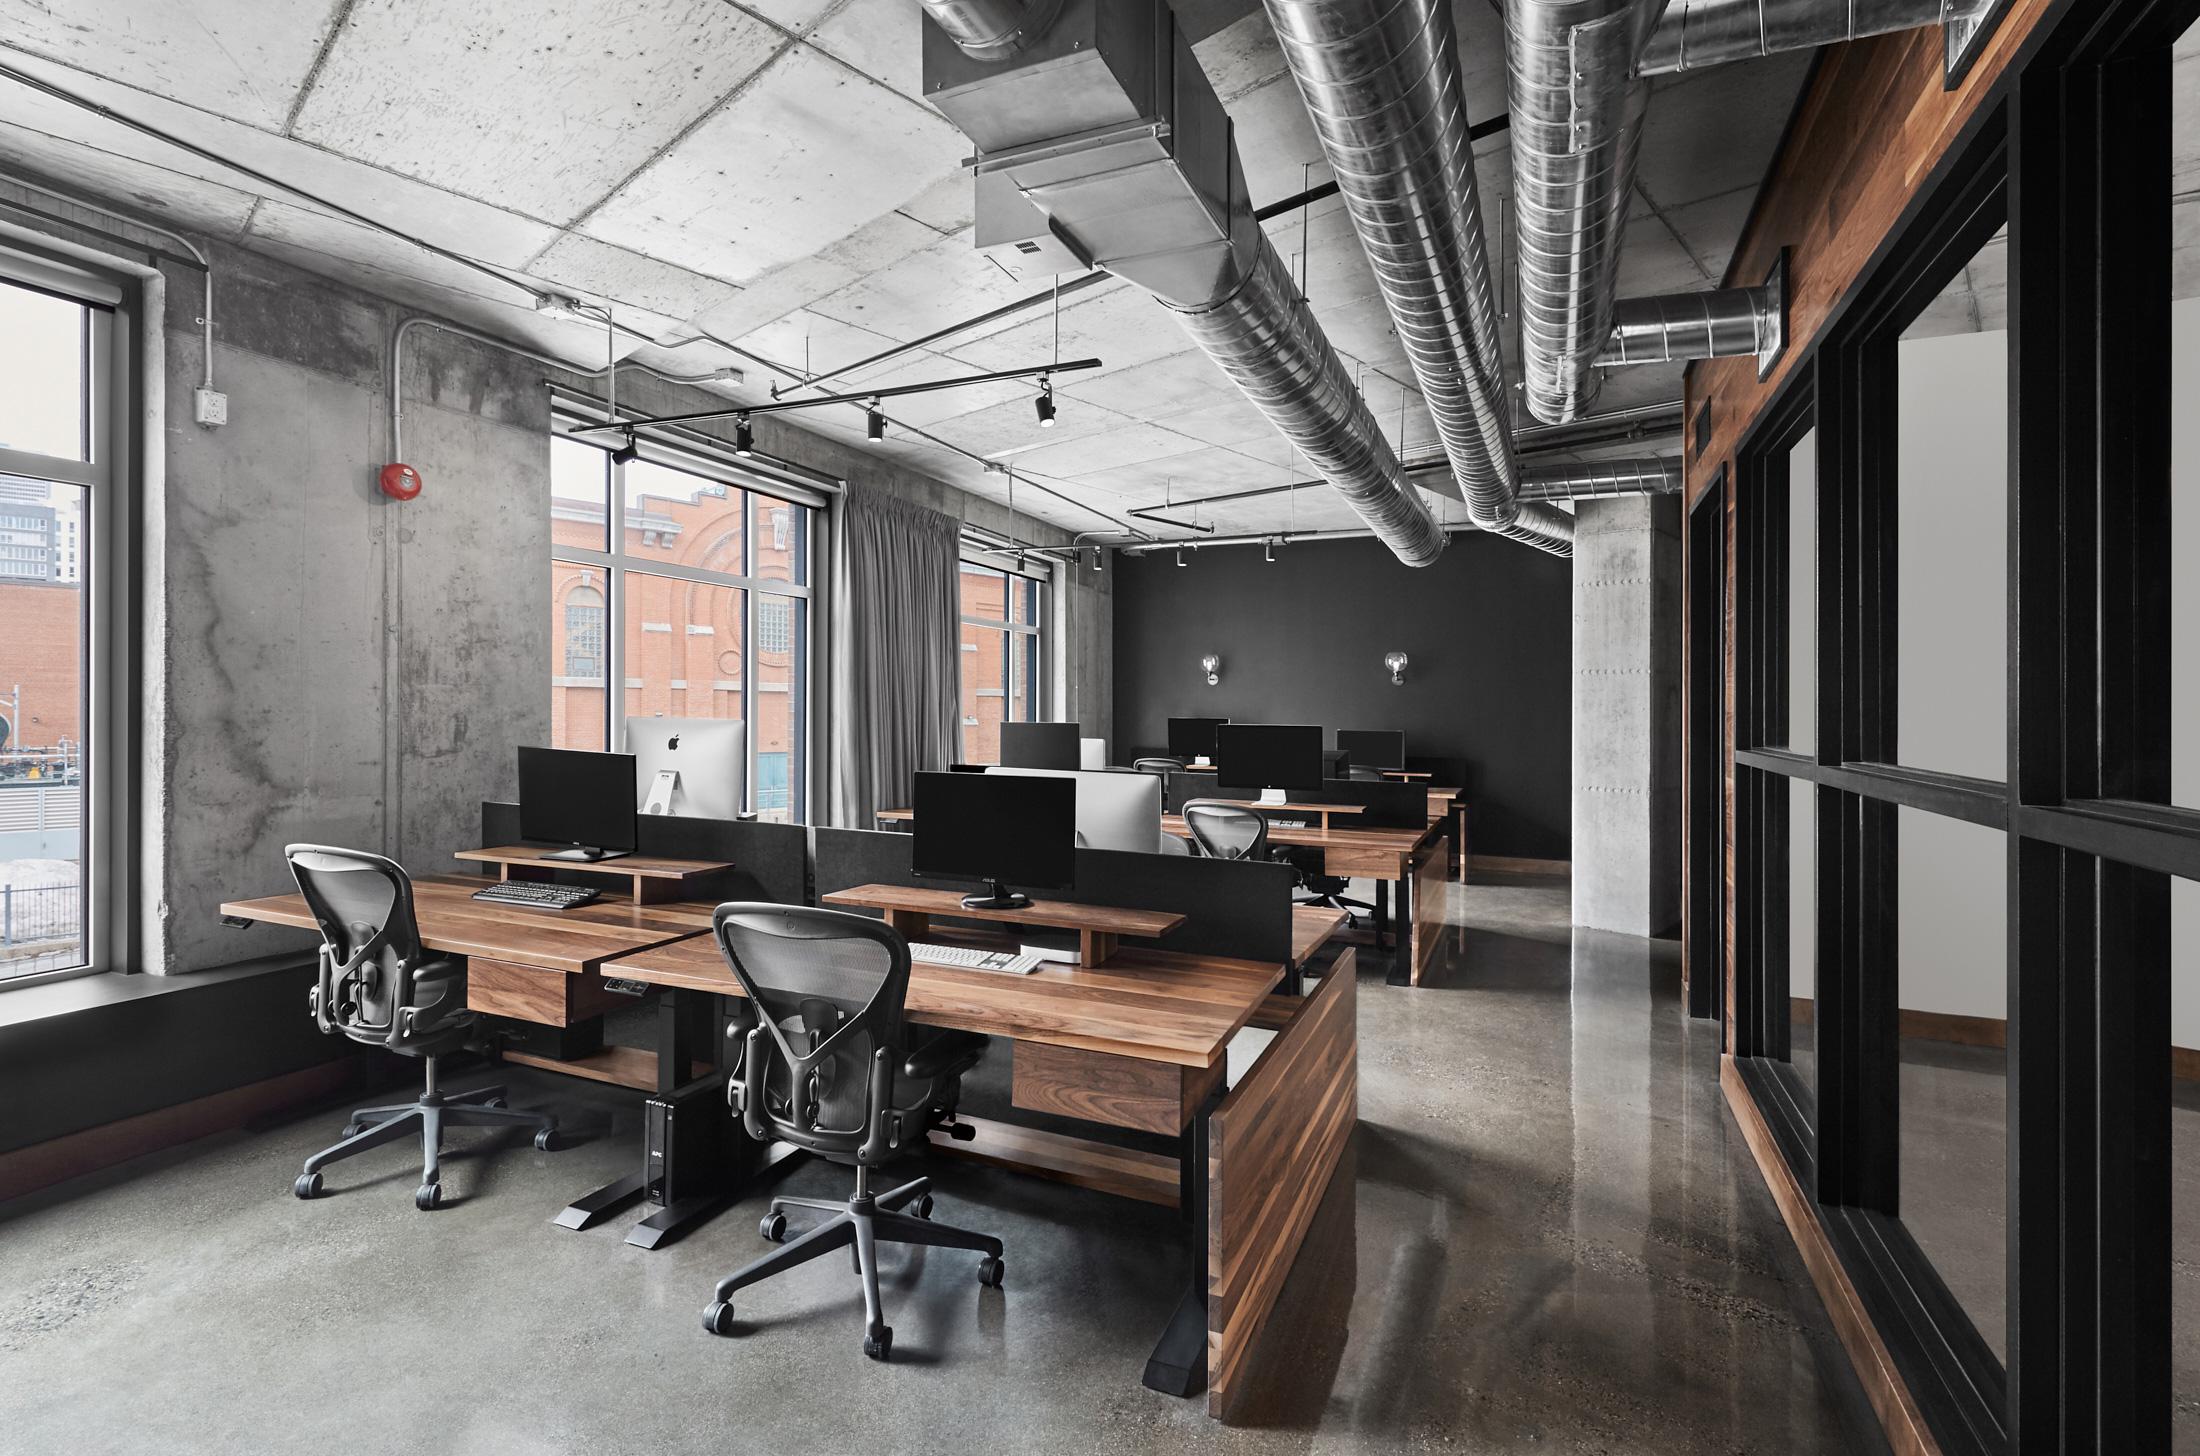 espace travail bureaux bois murs planchers béton